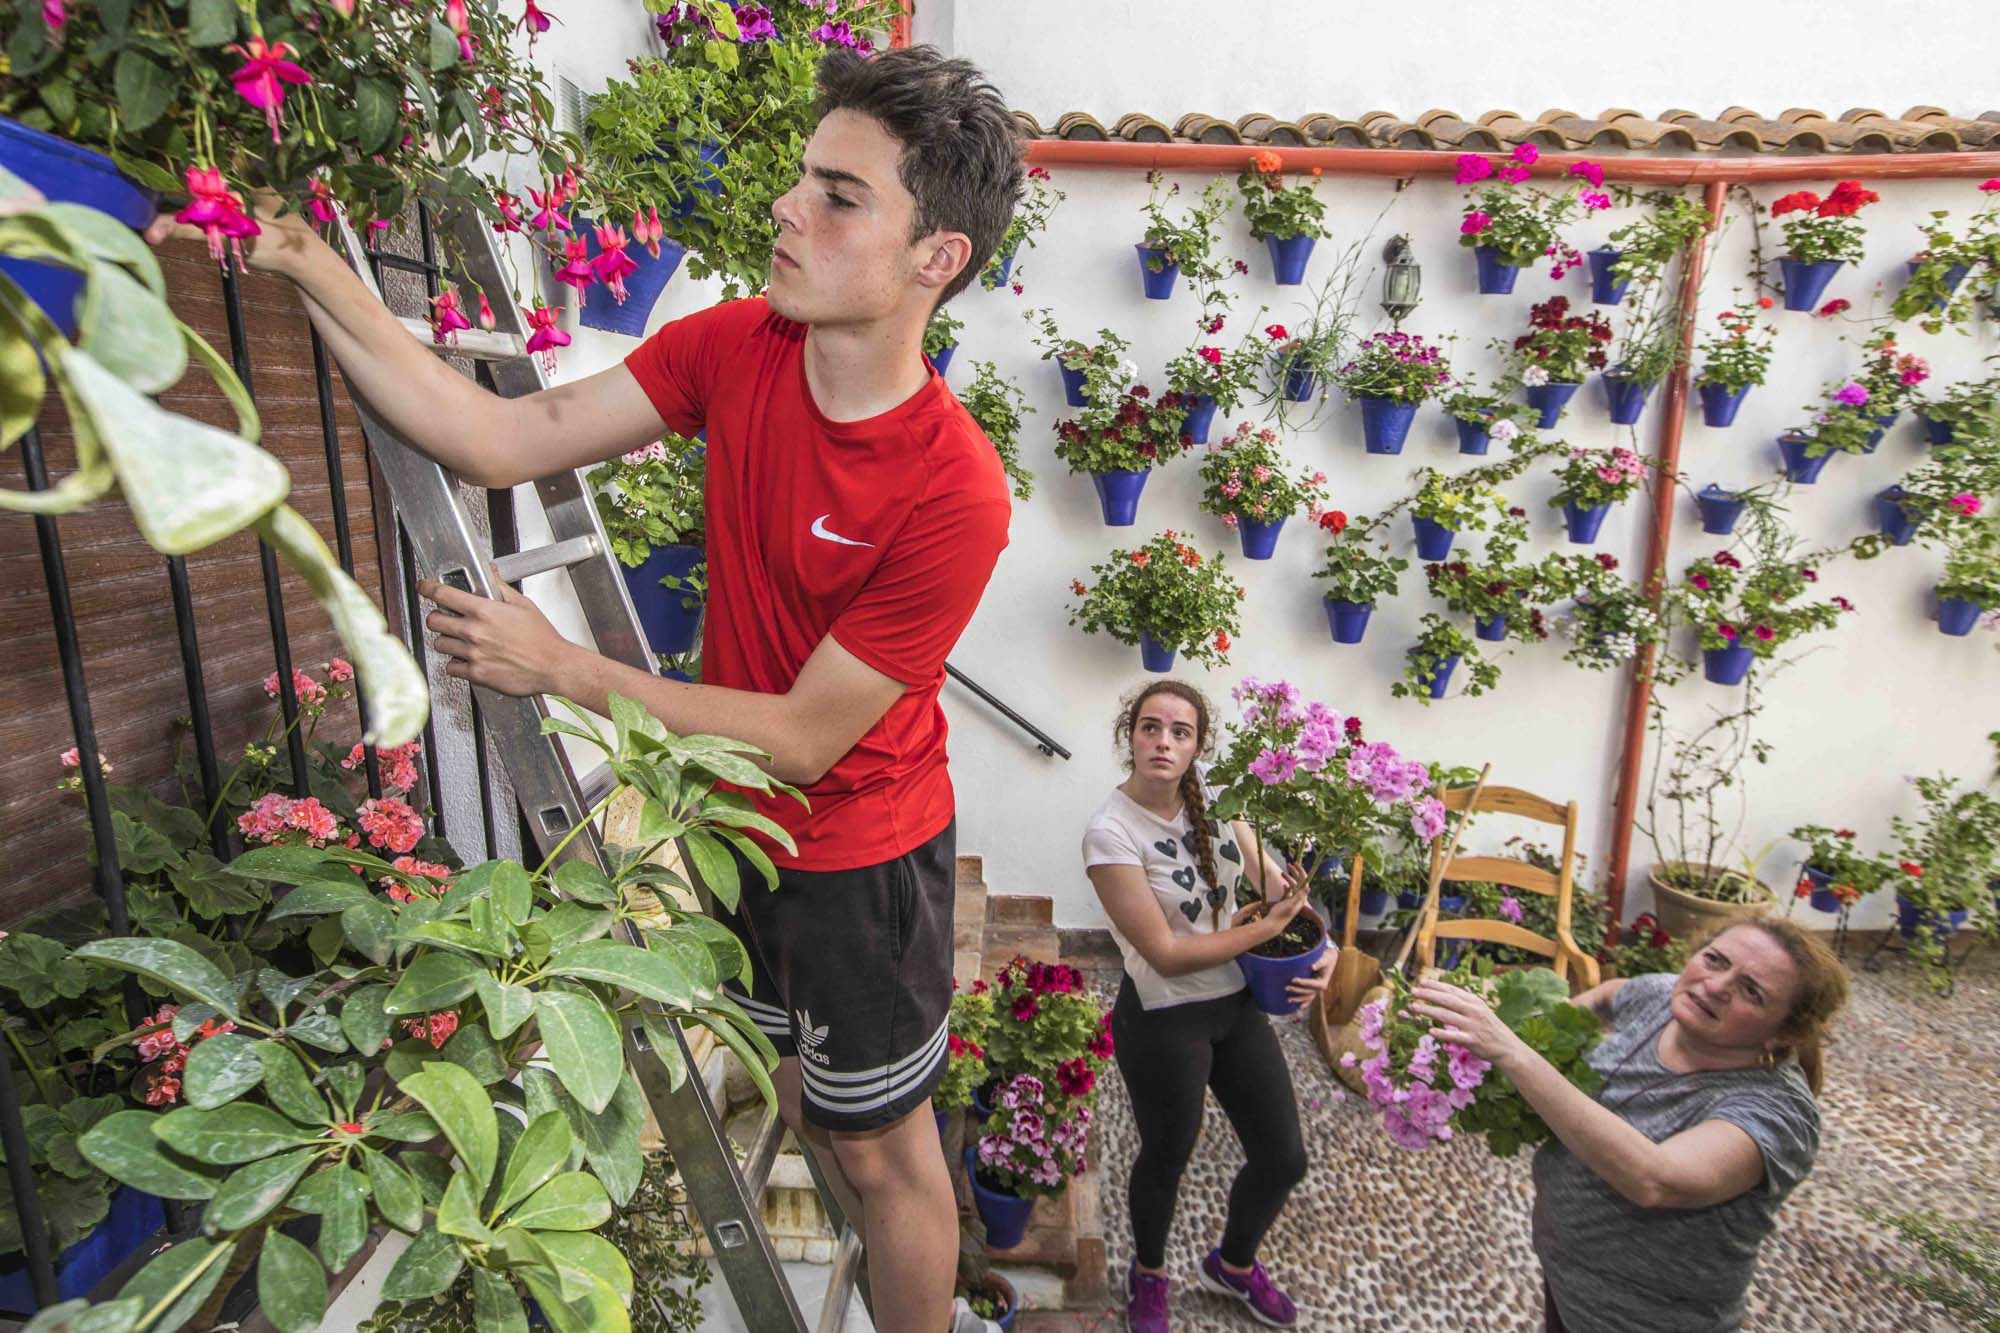 Spanien, Andalusien, Cordoba, Patio Alvar Rodriguez 11. Die Zwillinge Juan und Falima (16 Jahre) helfen ihrer Mutter MAria Prieta beim herrichten des Patios.